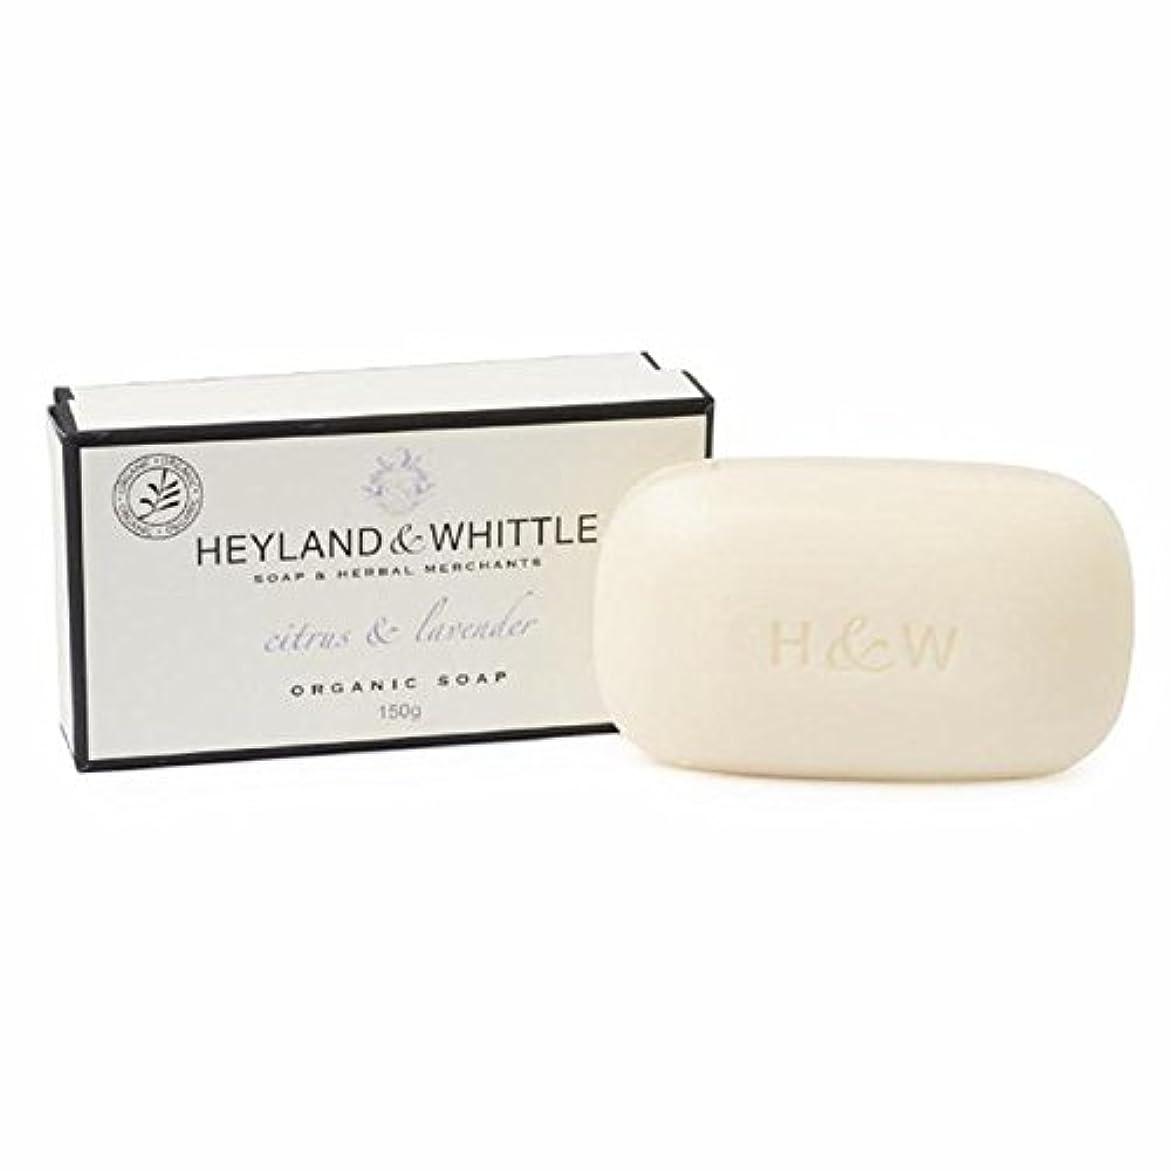 汚い無秩序義務的&削るシトラス&ラベンダーは、有機石鹸150グラム箱入り x2 - Heyland & Whittle Citrus & Lavender Boxed Organic Soap 150g (Pack of 2) [並行輸入品]